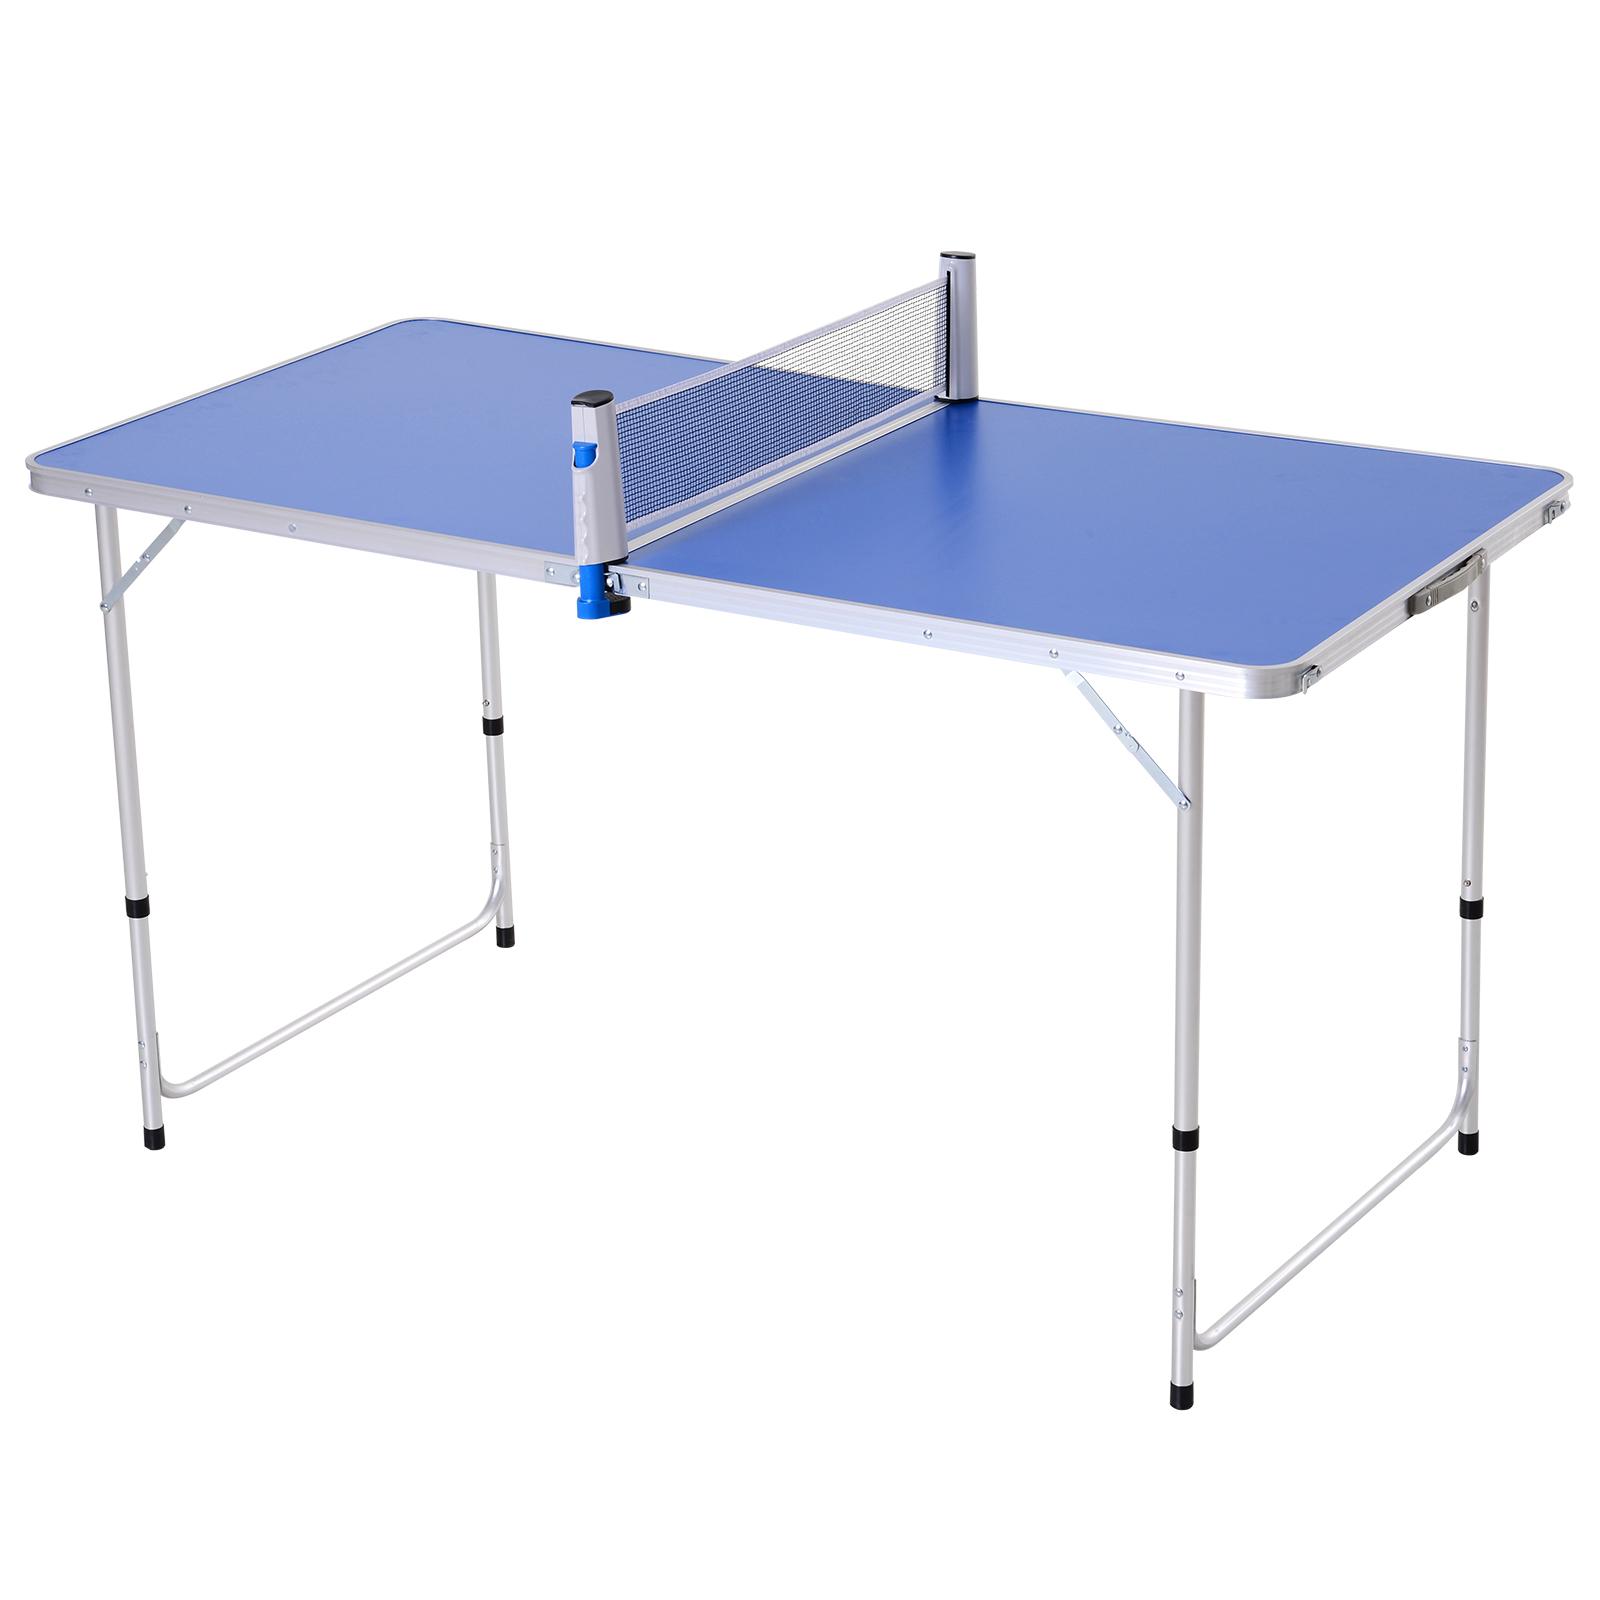 Outsunny Masa Pliabila Multifunctionala de Camping cu Plasa de Ping Pong 160 x 80 cm imagine aosom.ro